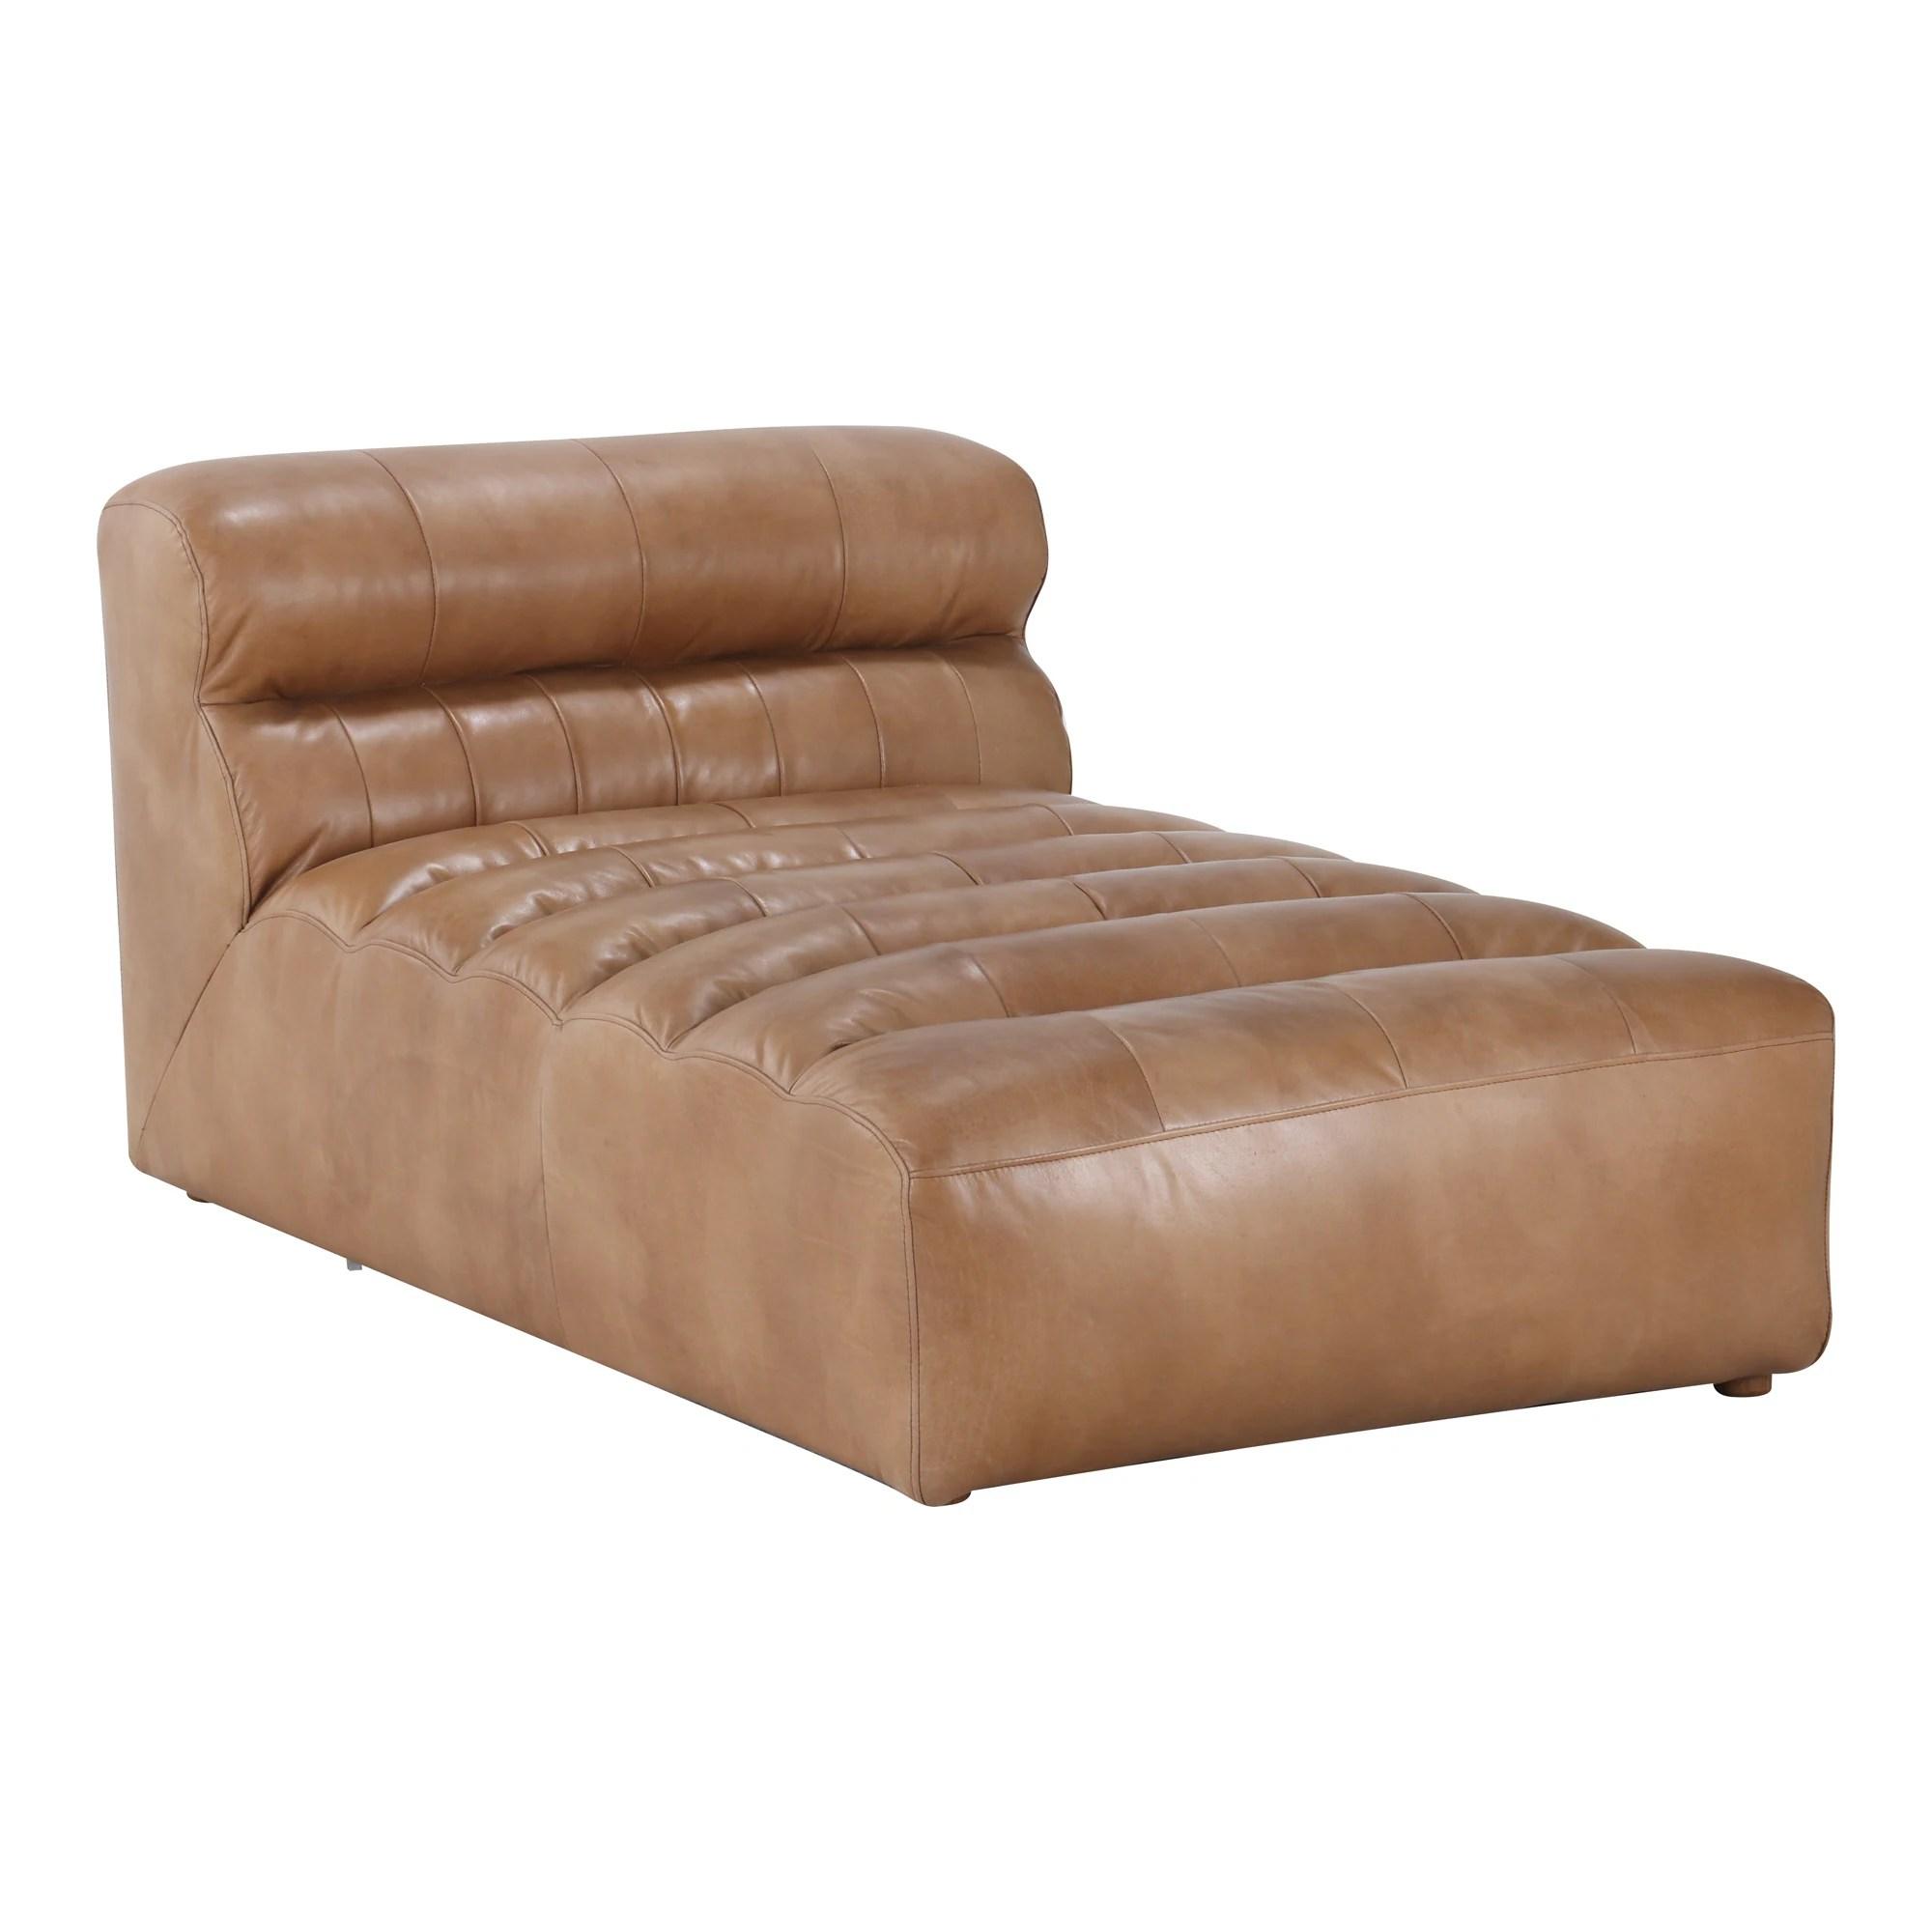 aurelle home remi modern leather chaise sofa chair